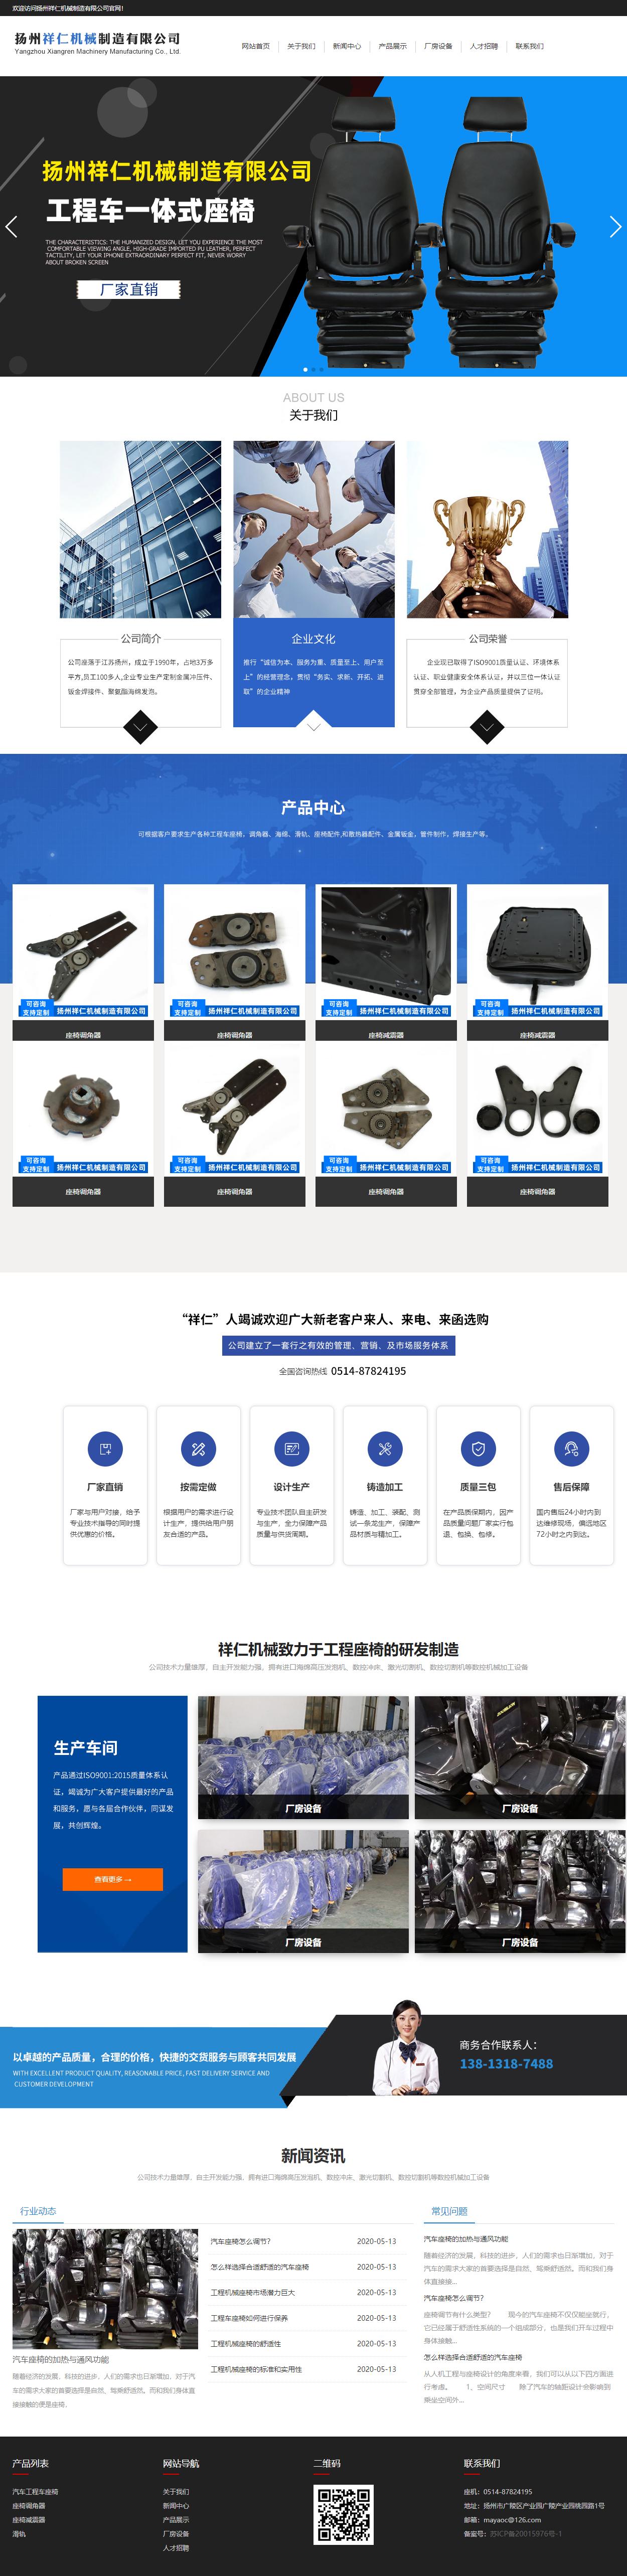 扬州祥仁机械制造有限公司网站案例